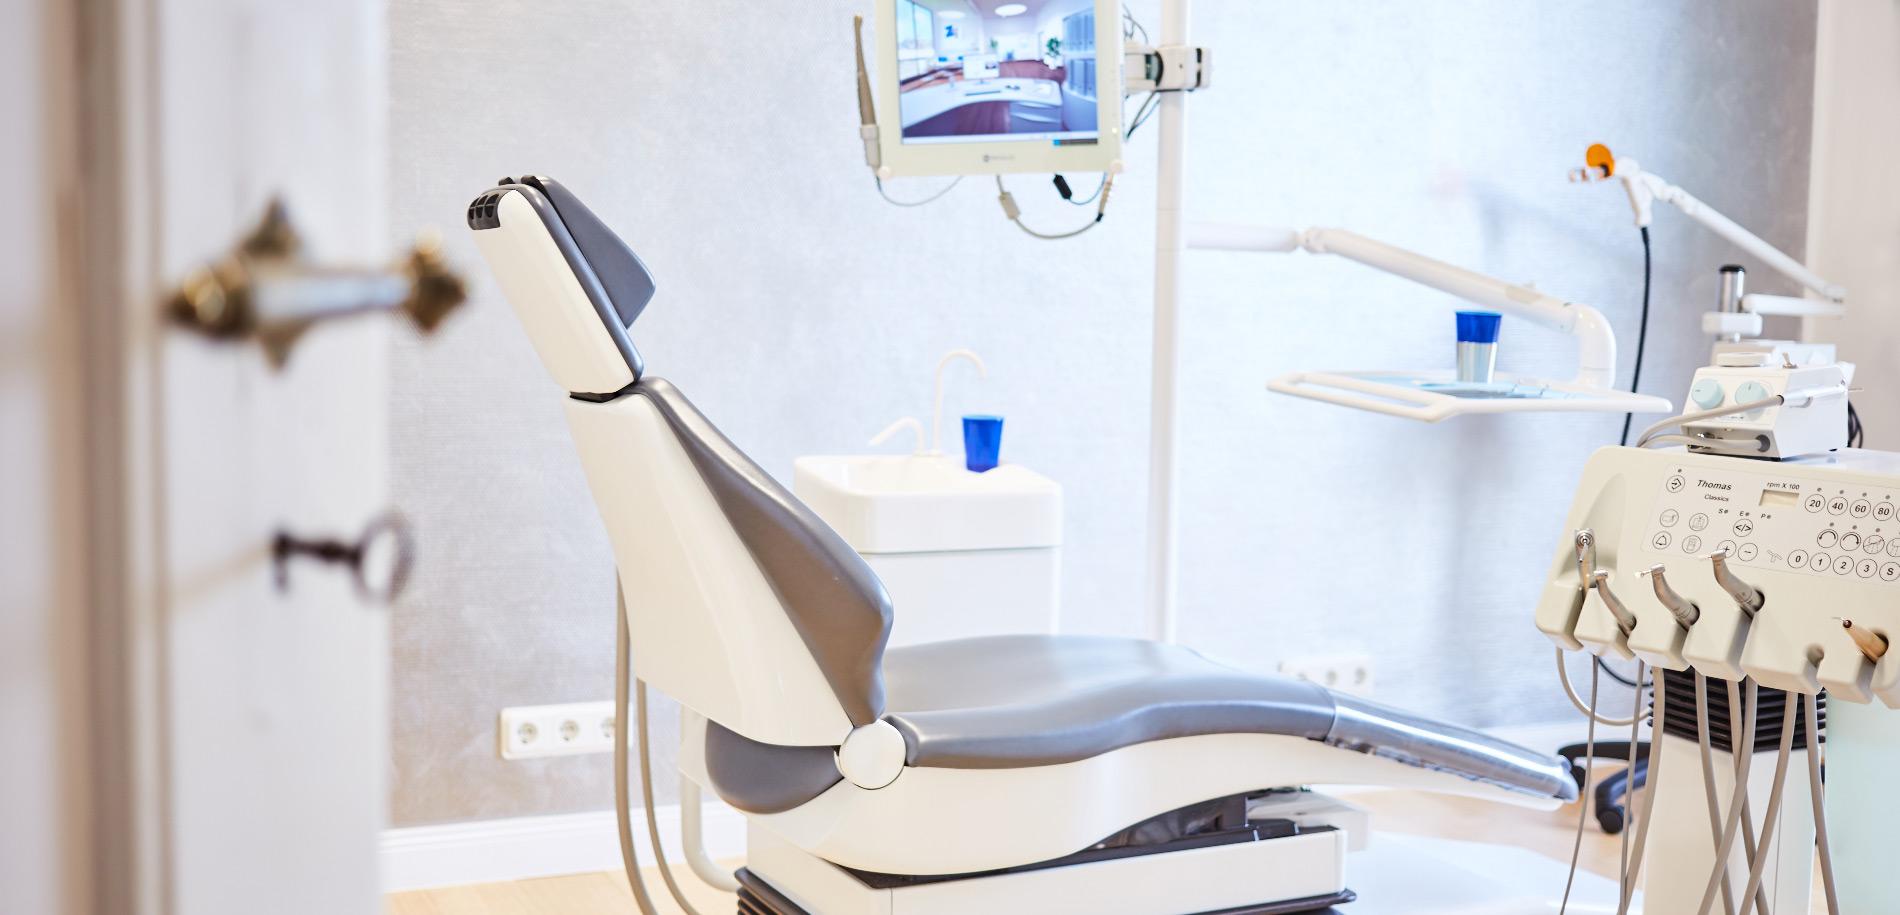 Zahnarztpraxis  Zahnrhein in Walluf - Datenschutzerklärung 1